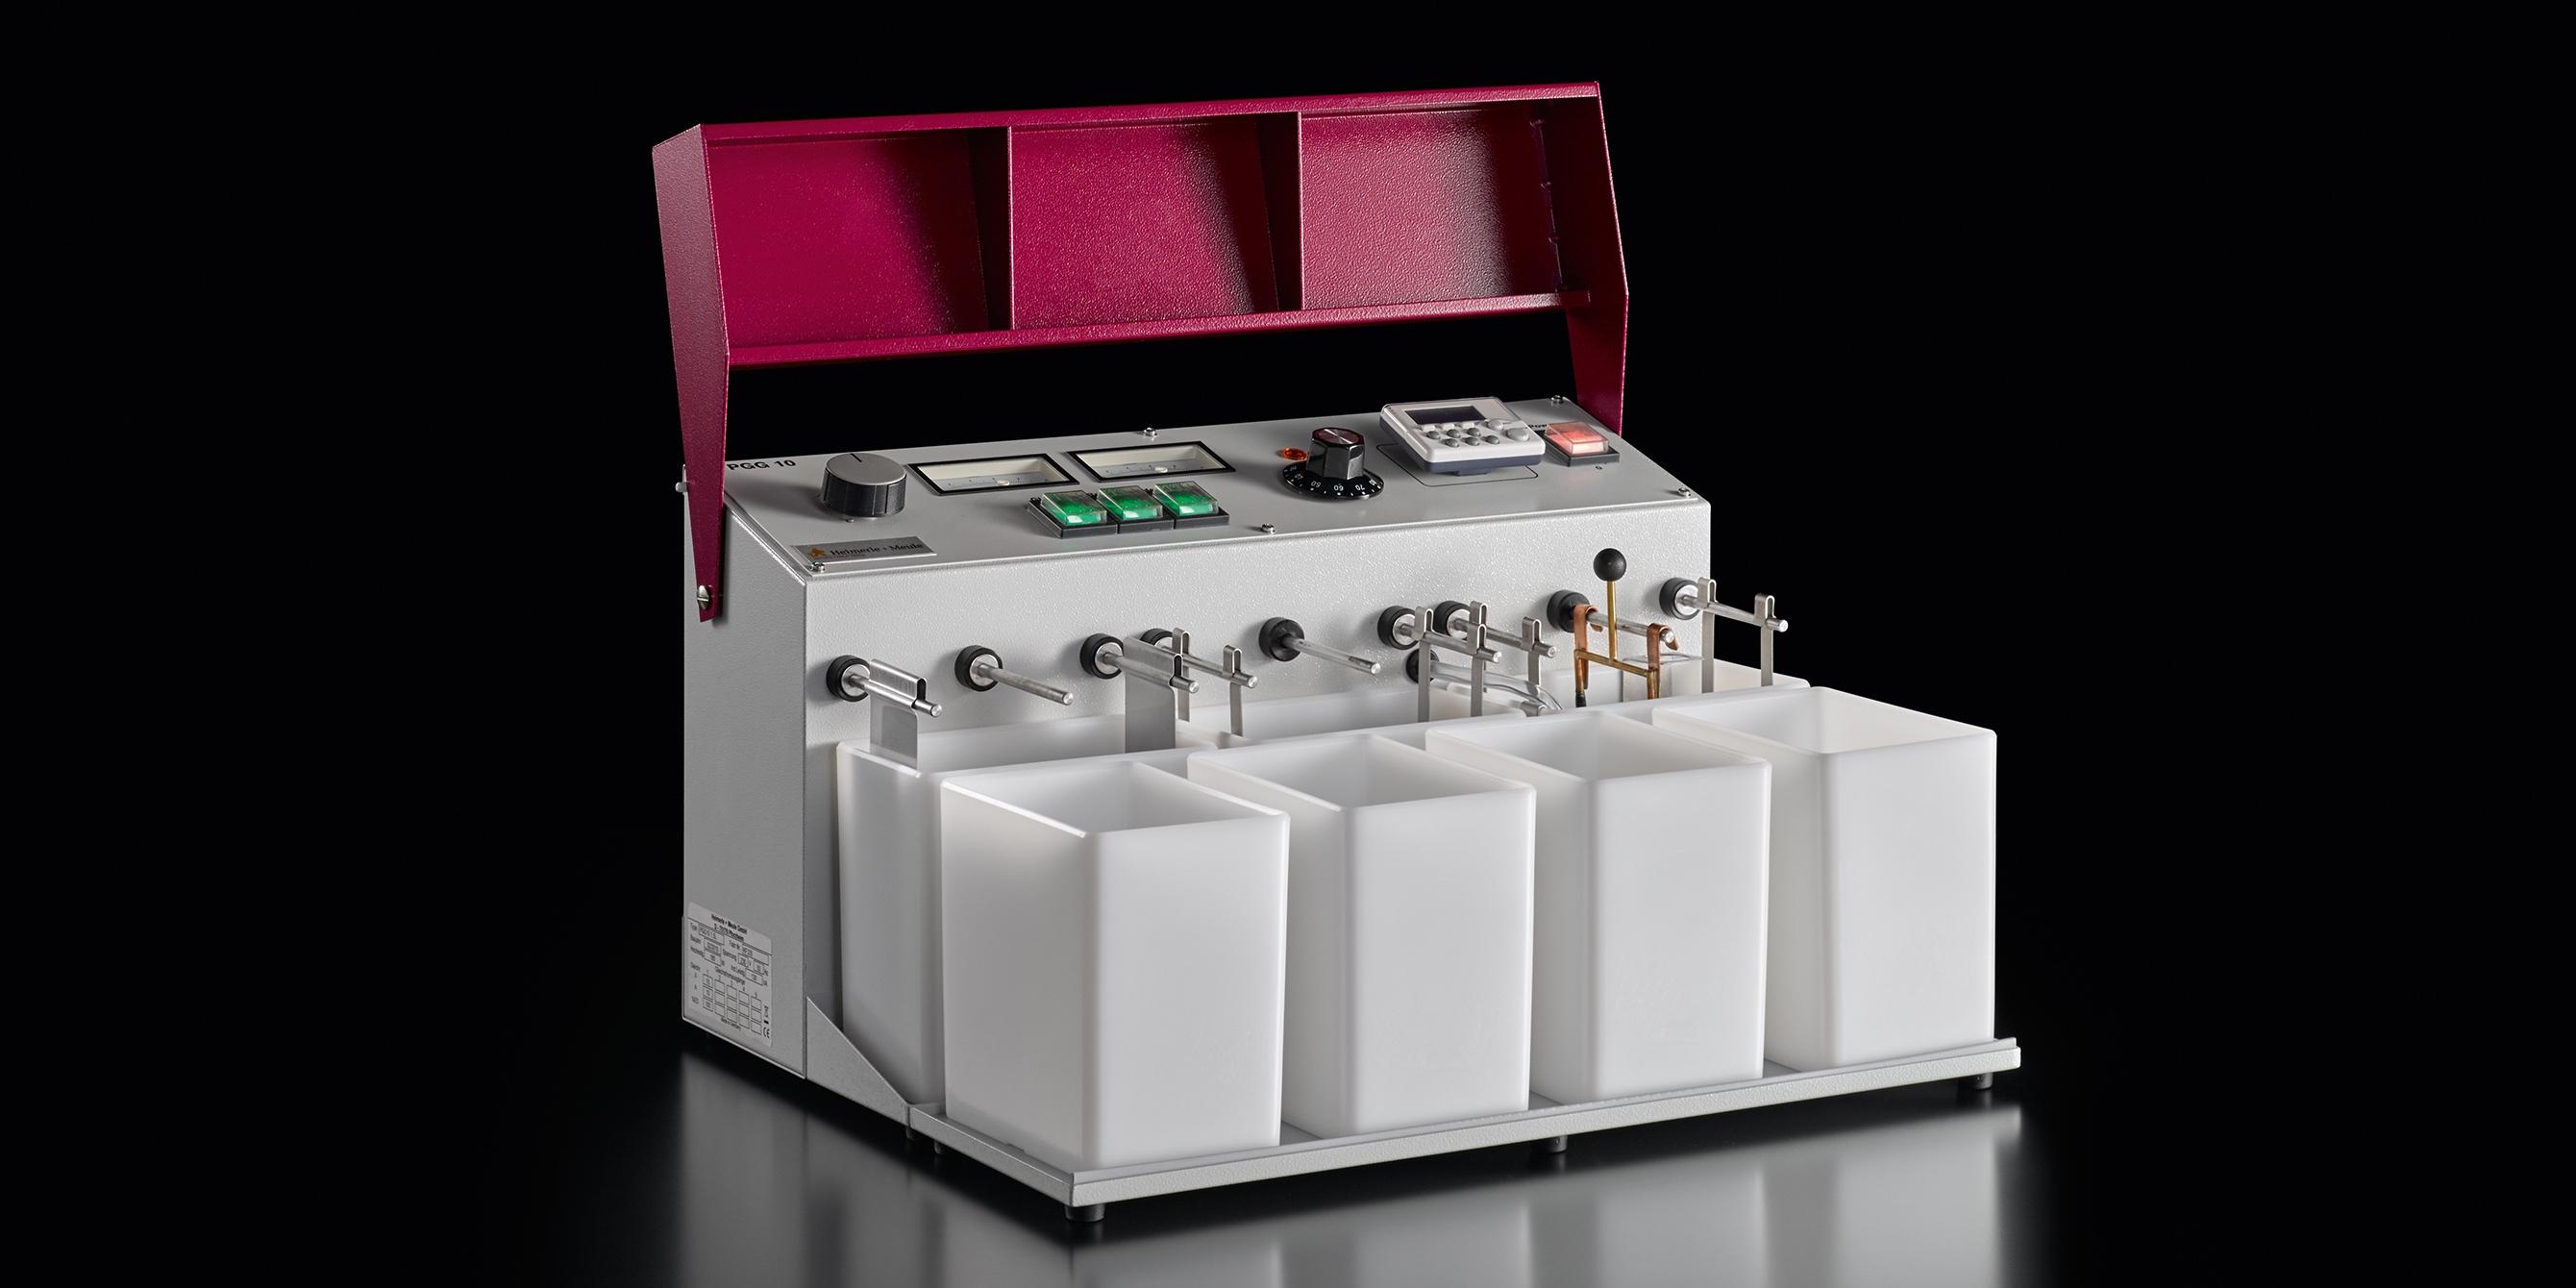 Unités et systèmes de galvanoplastie - Heimerle + Meule GmbH